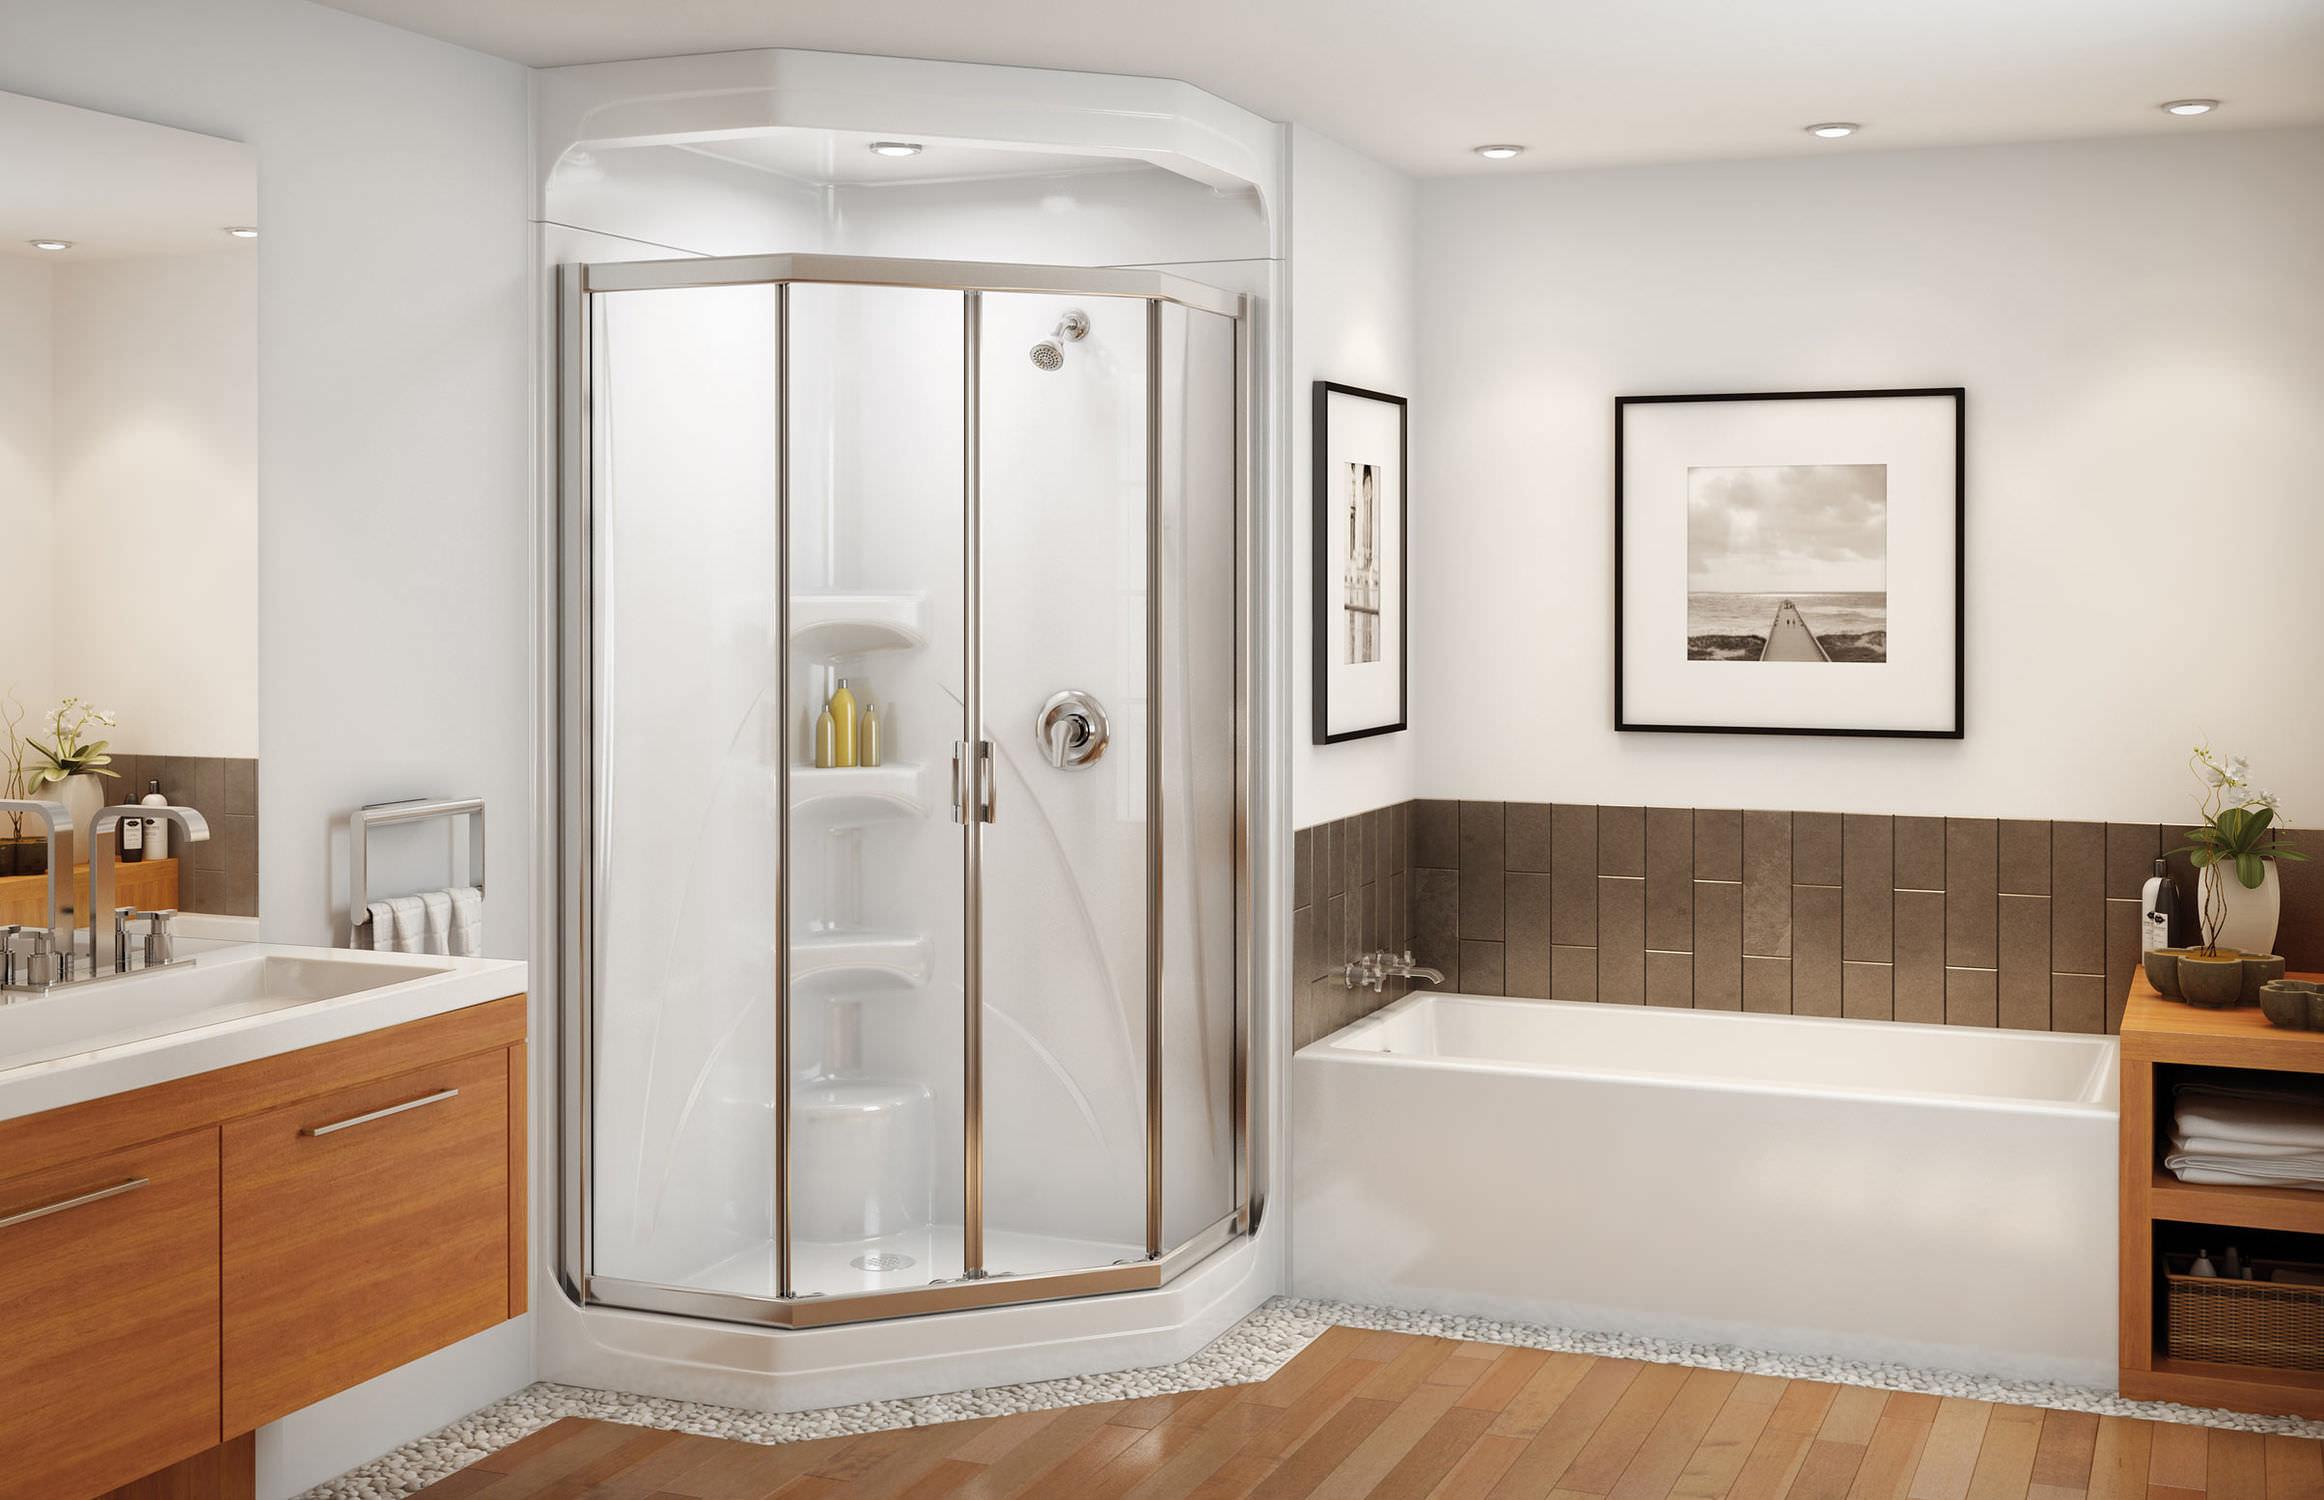 Free-standing bathtub - RUBIX 6030/6032 - MAAX bathroom